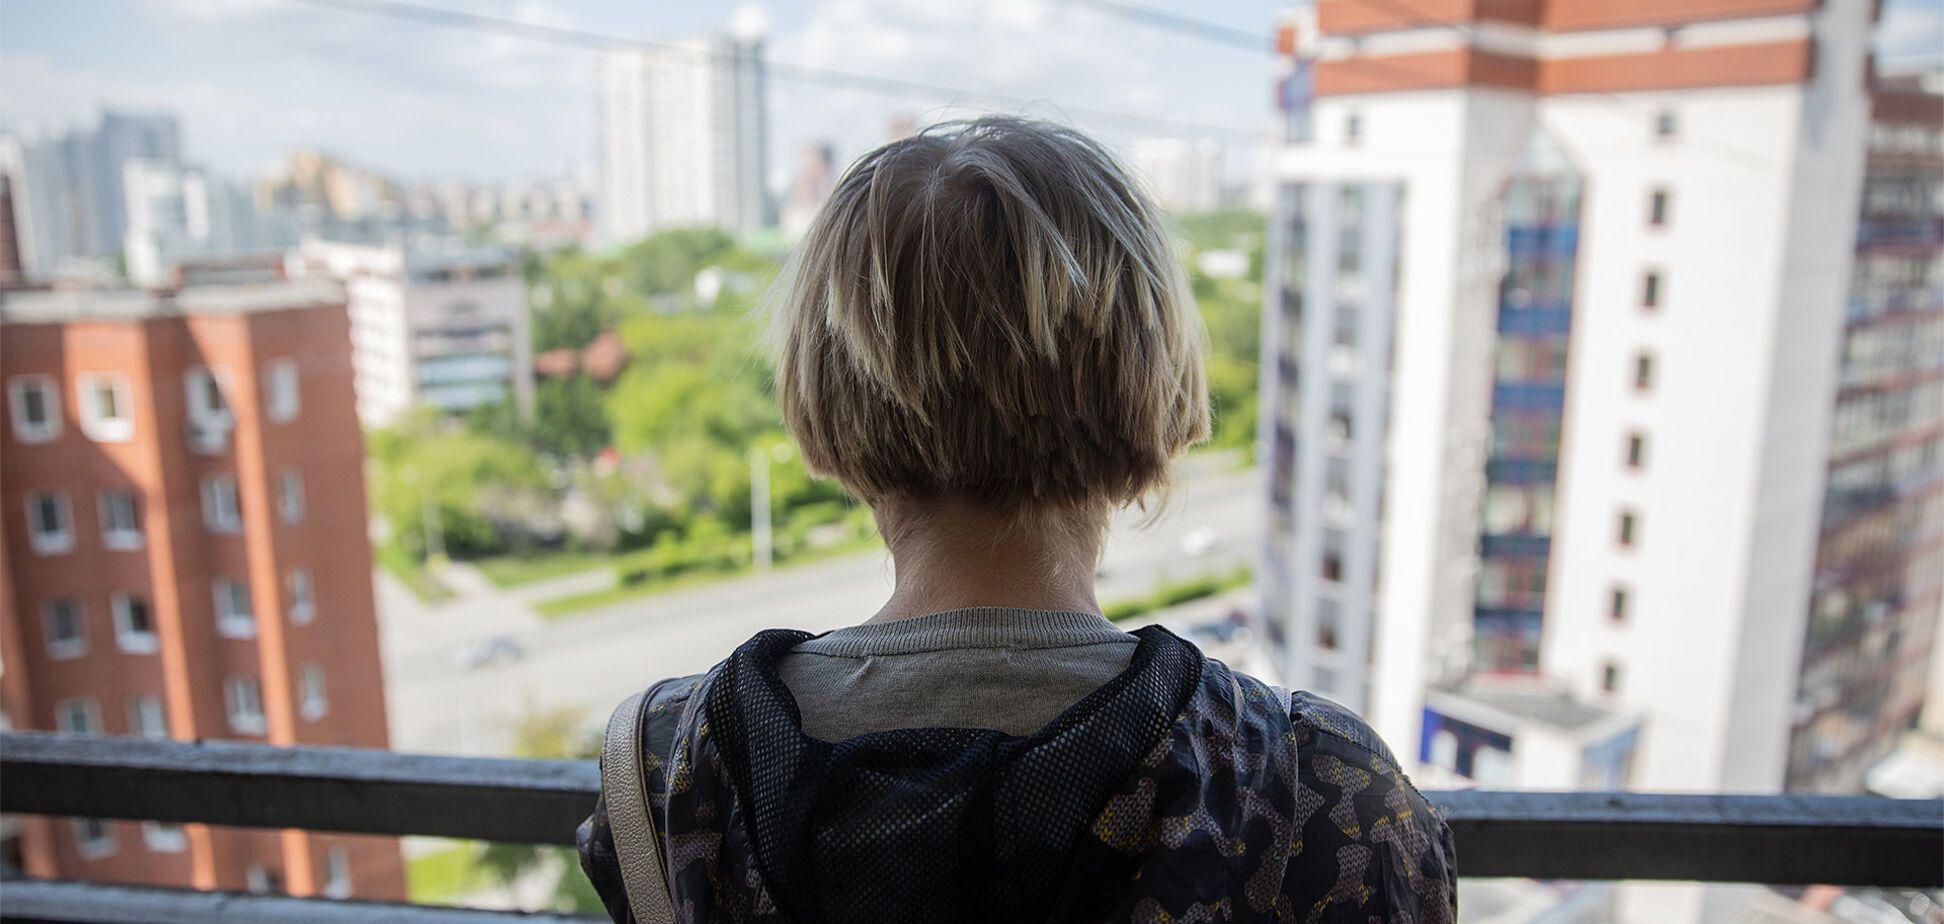 'Різали живіт і палили руки': 16-річна куратор 'групи смерті' розповіла, як доводила до суїциду дітей